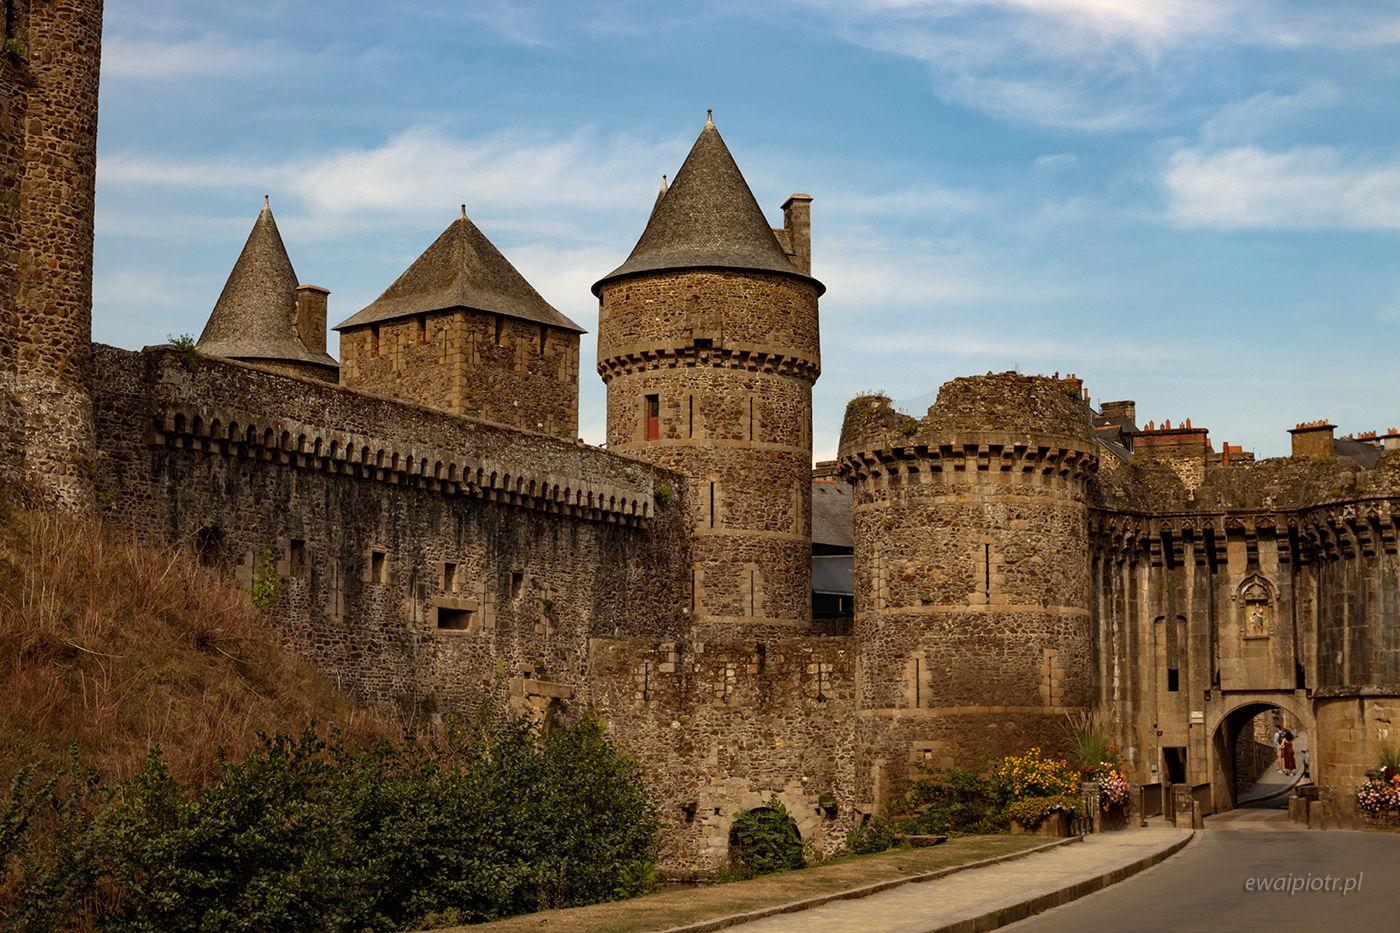 Zamek w Fougeres, Bretania, wyprawa foto